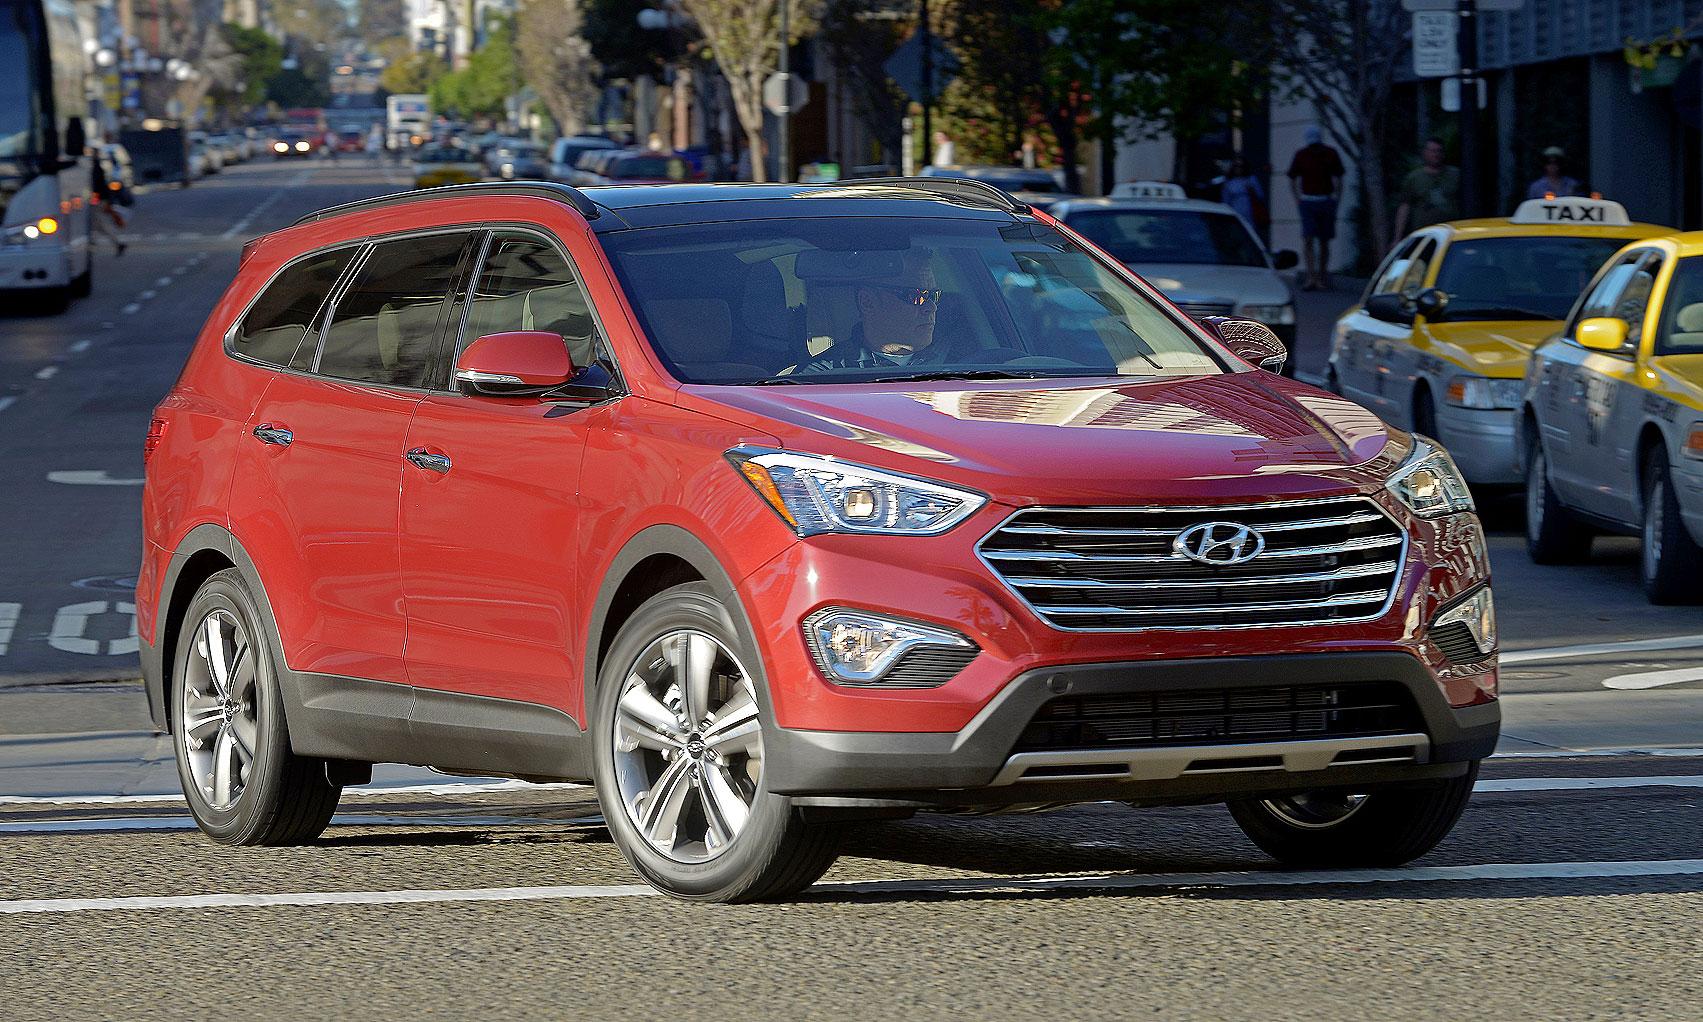 Hyundai, Kia recall nearly 1 5 million sedans, crossovers